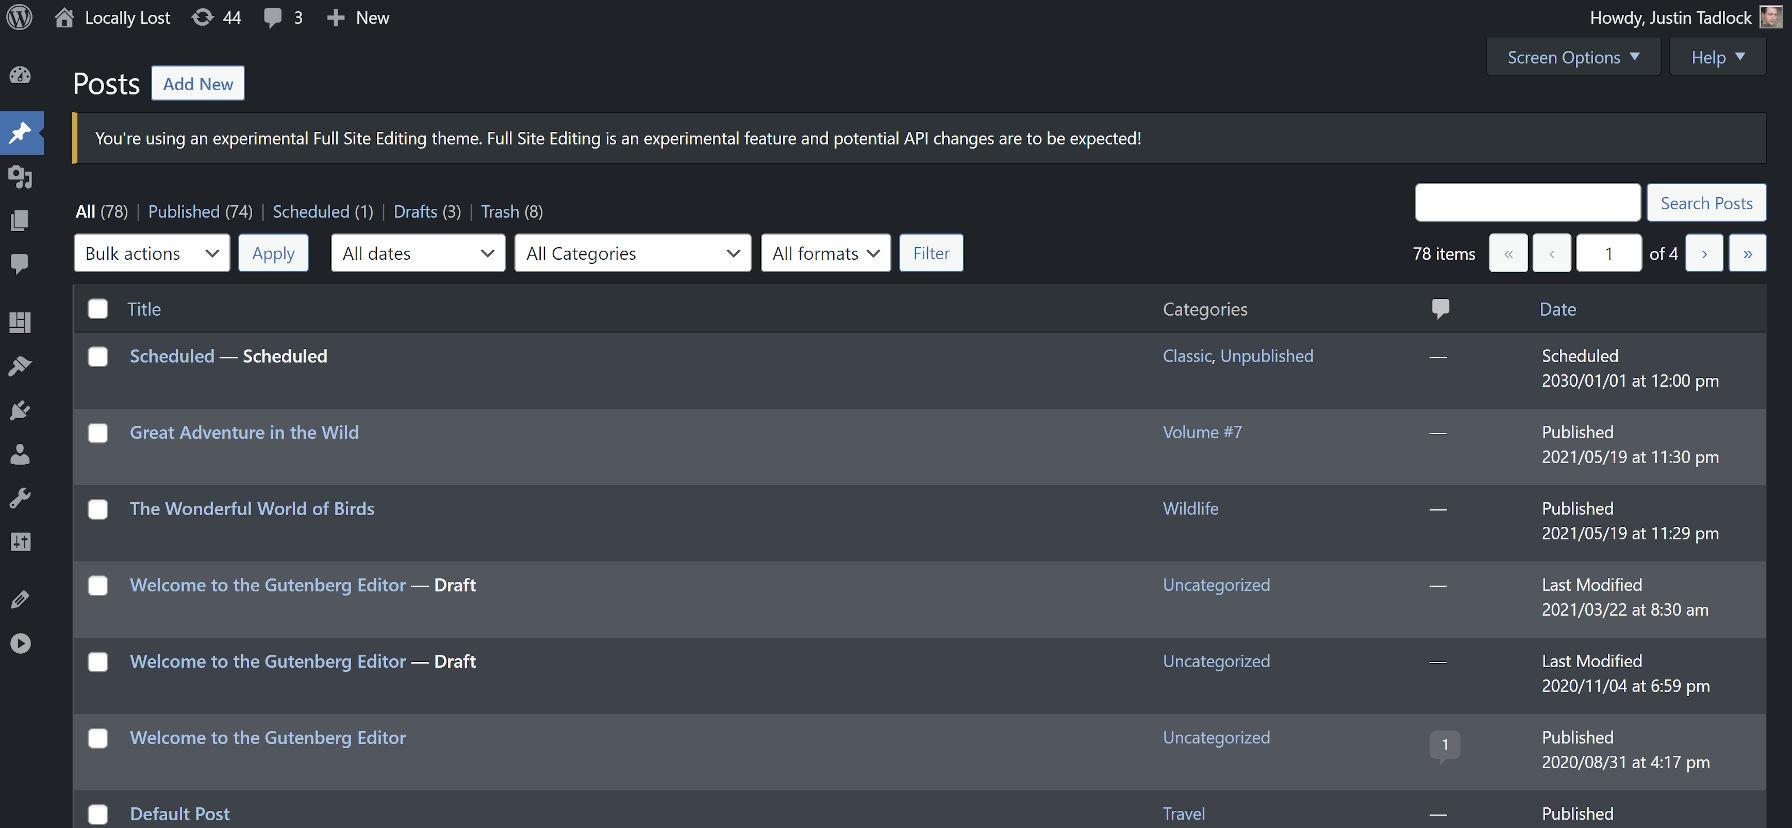 Affichage de l'écran de gestion des publications de WordPress en mode sombre.